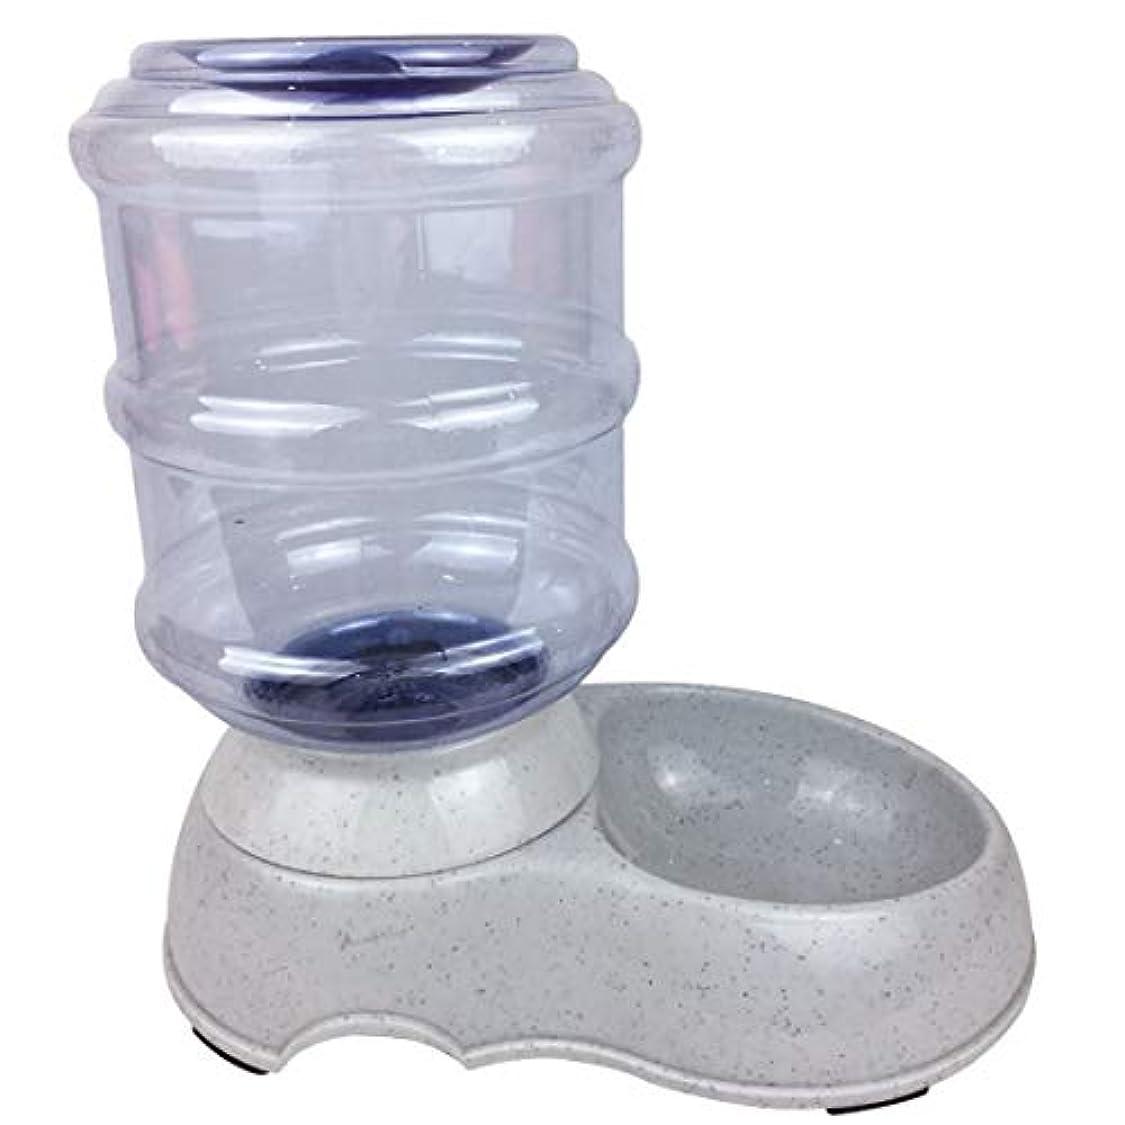 LIFEペットボウル猫犬自動フィーダー飲料動物ペットウォーターボウル用ペット犬自動ウォーターディスペンサー食品皿ペット食器